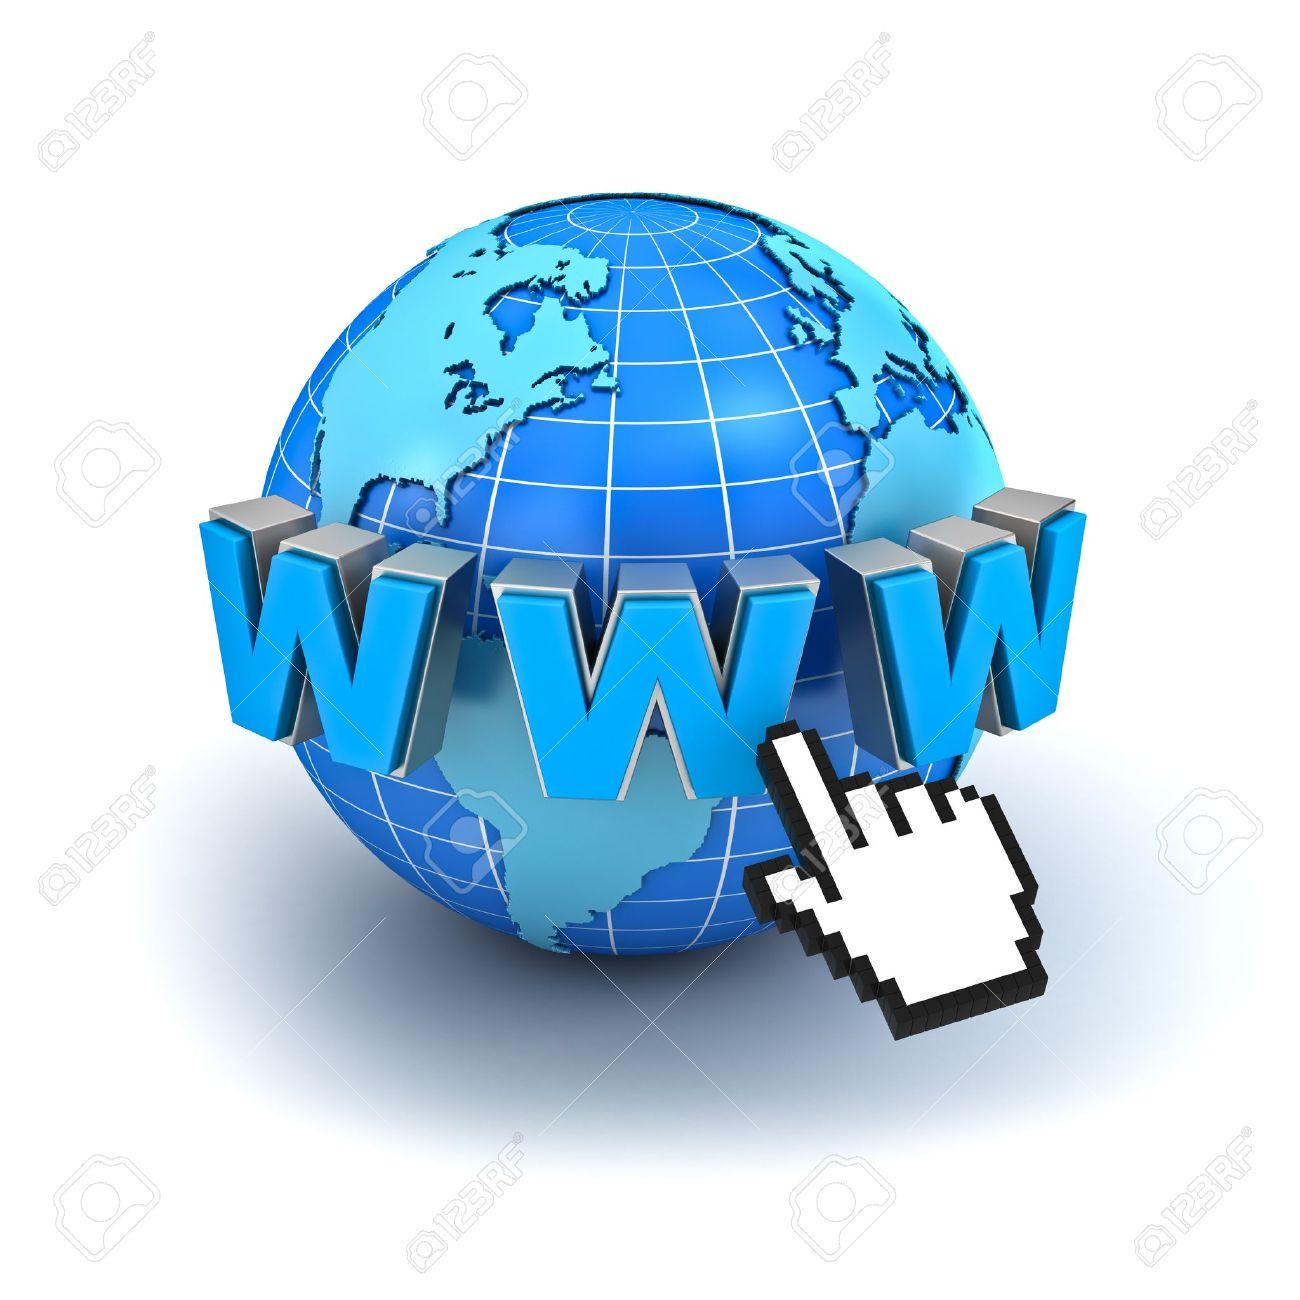 se suele confundir concepto de Internet con el de World Wide Web.